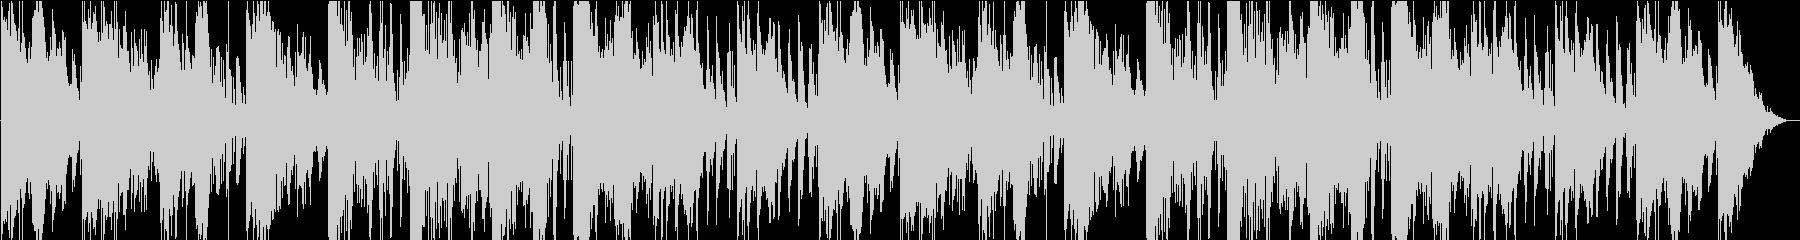 不思議な重く緊迫感のあるオーケストラの未再生の波形